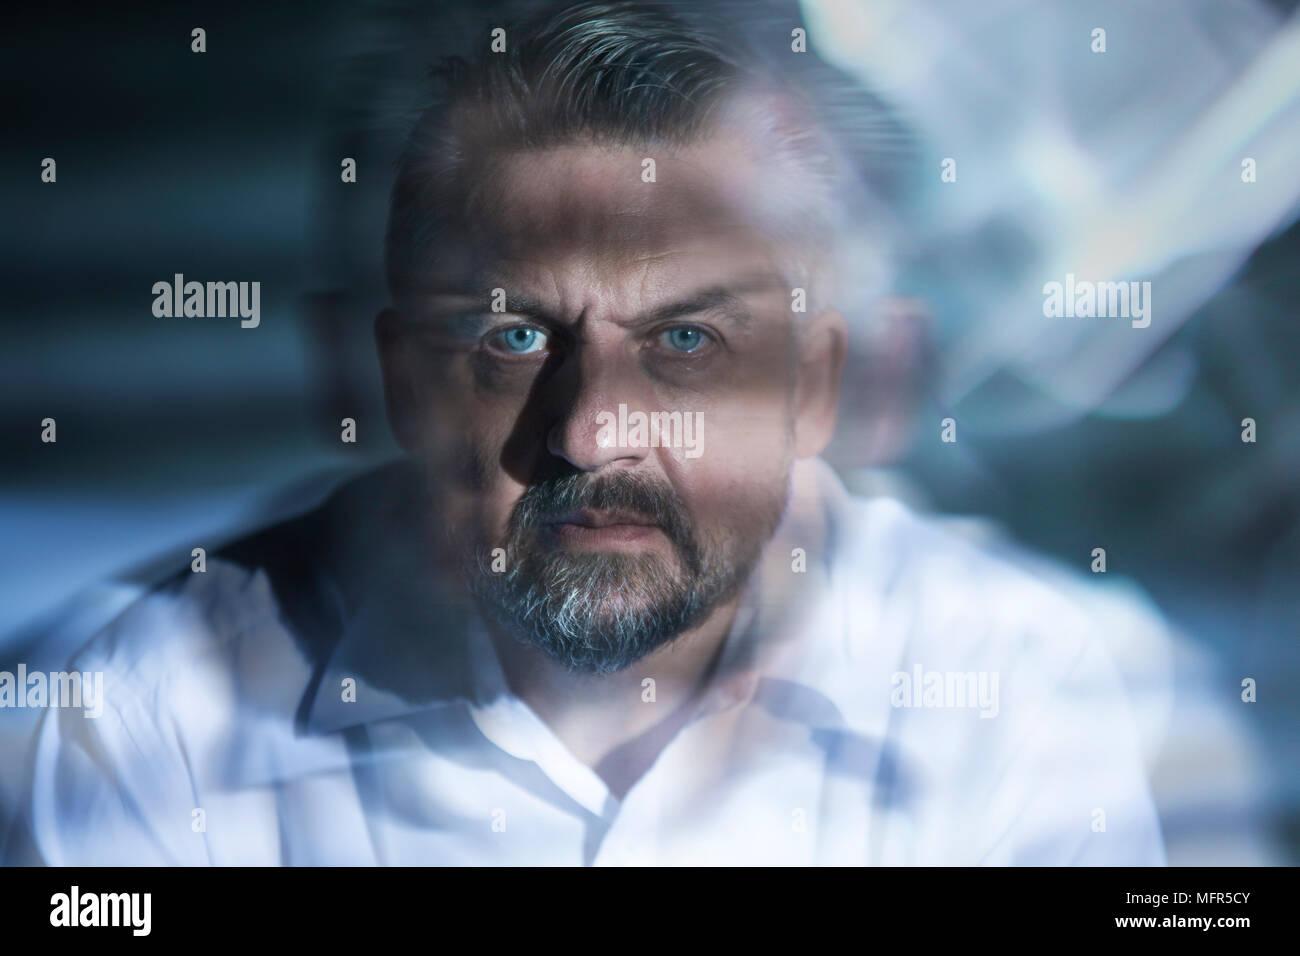 Cerrar borrosa de un hombre con graves alucinaciones provocadas por las drogas Foto de stock